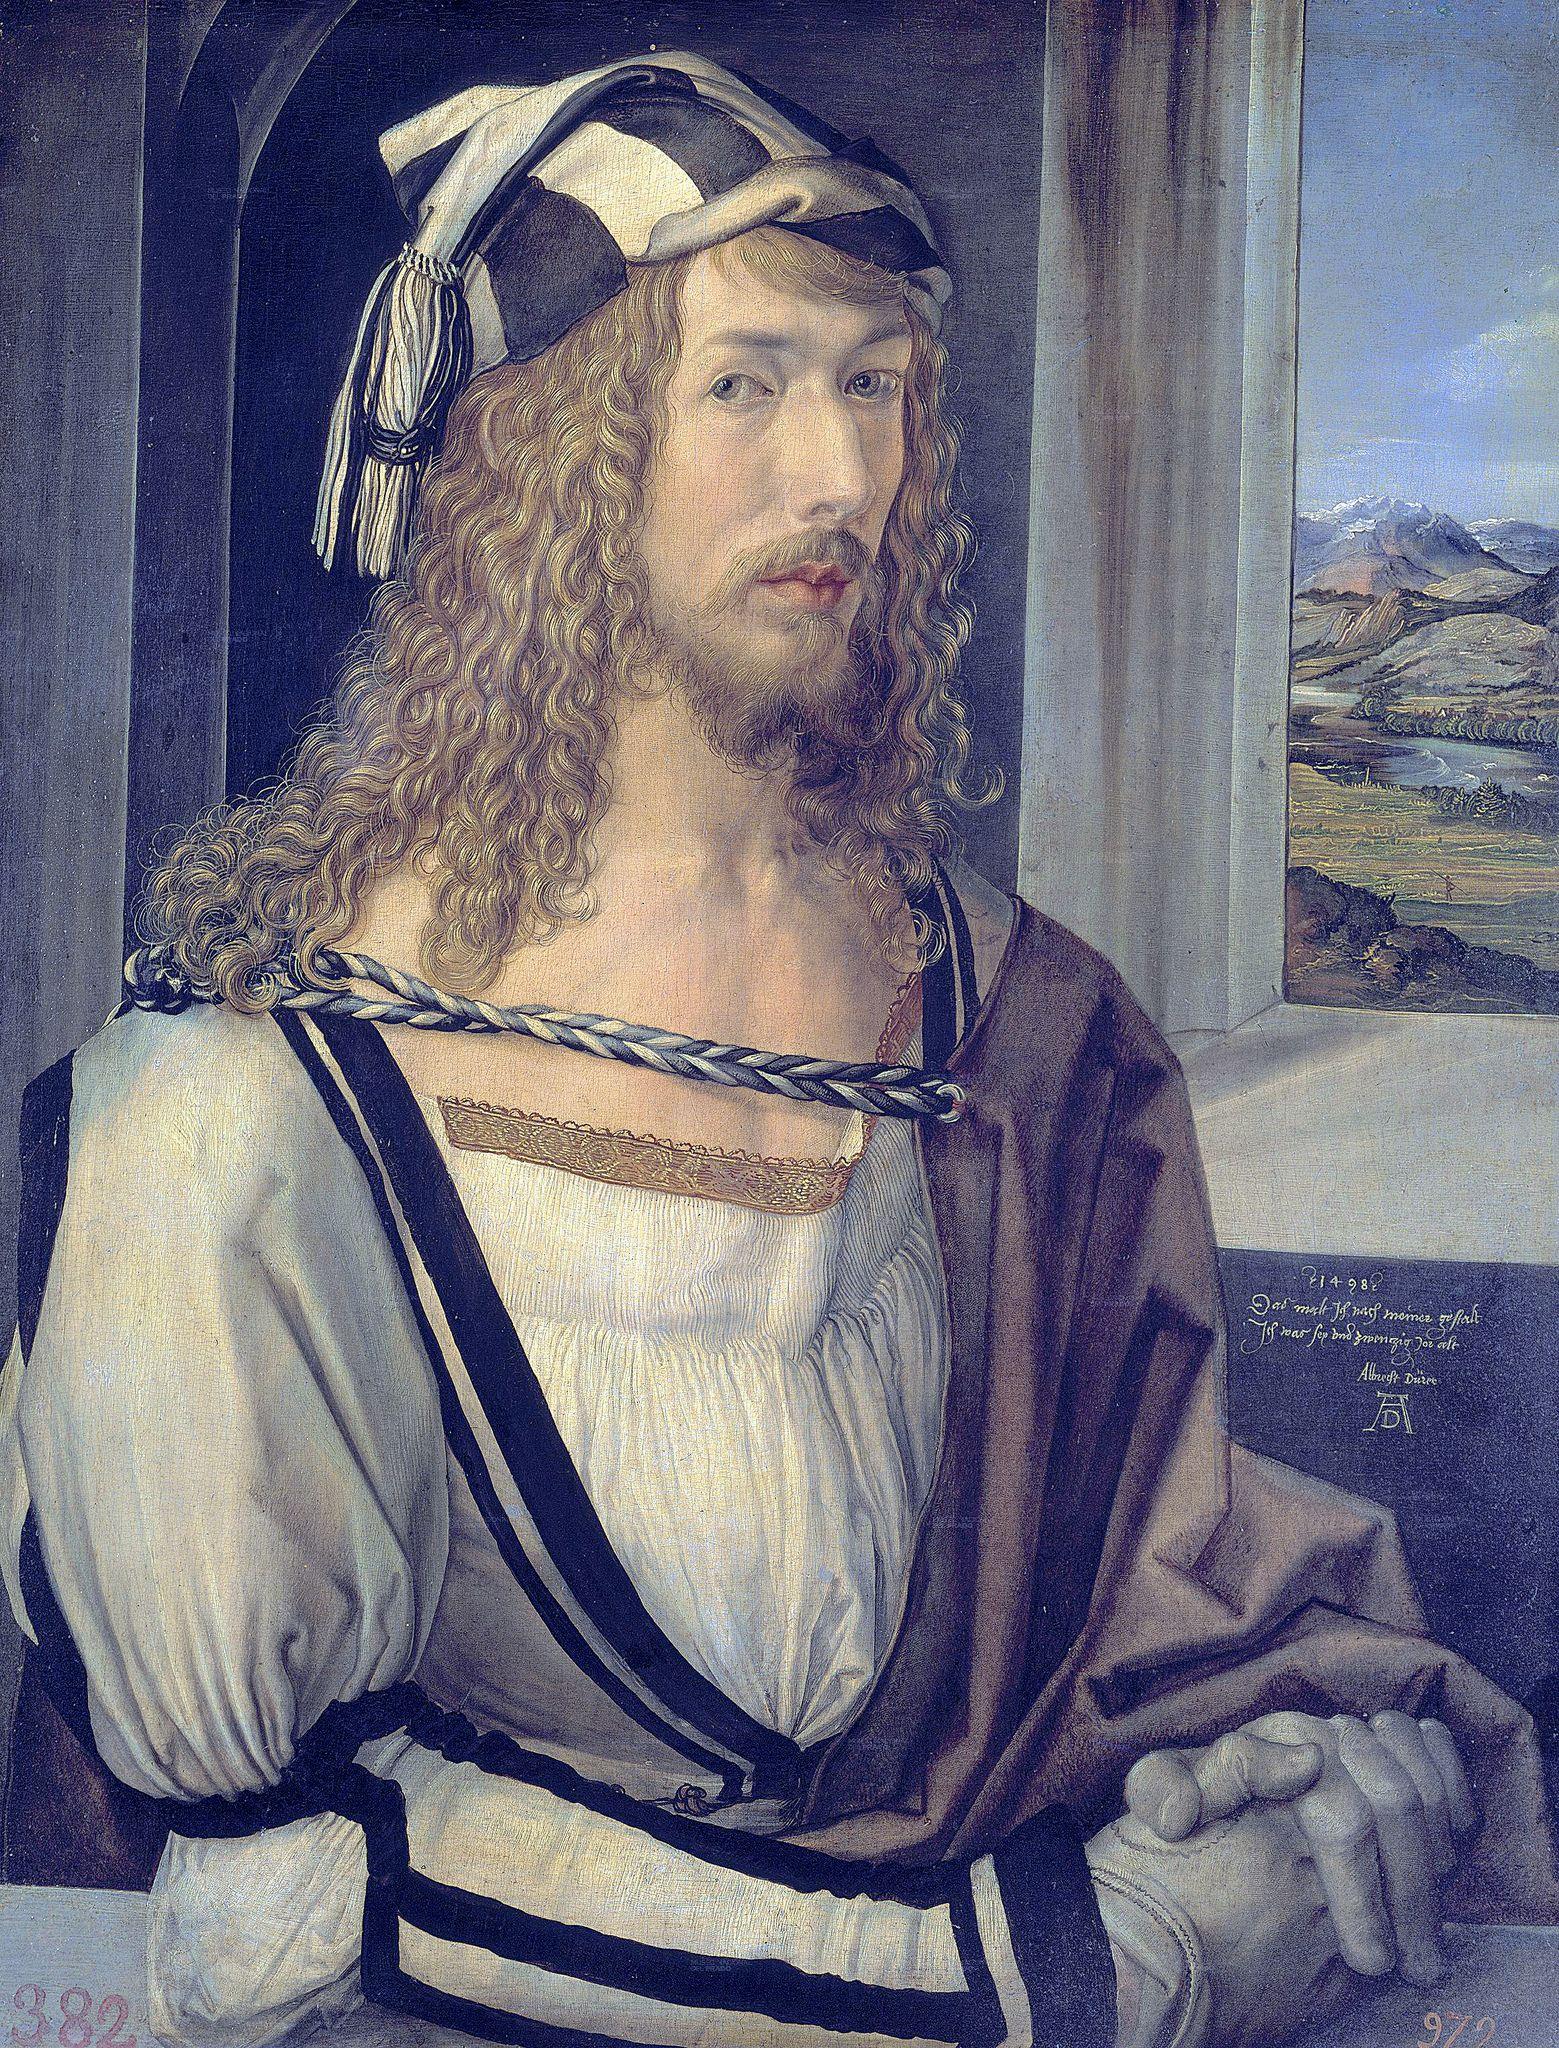 https://flic.kr/p/bYx25J   Dürer: Self-portrait with gloves [1498]   Albrecht Dürer [1471-1528] AD 1498 - Selbstbildnis 1c uhr -  Madrid Prado